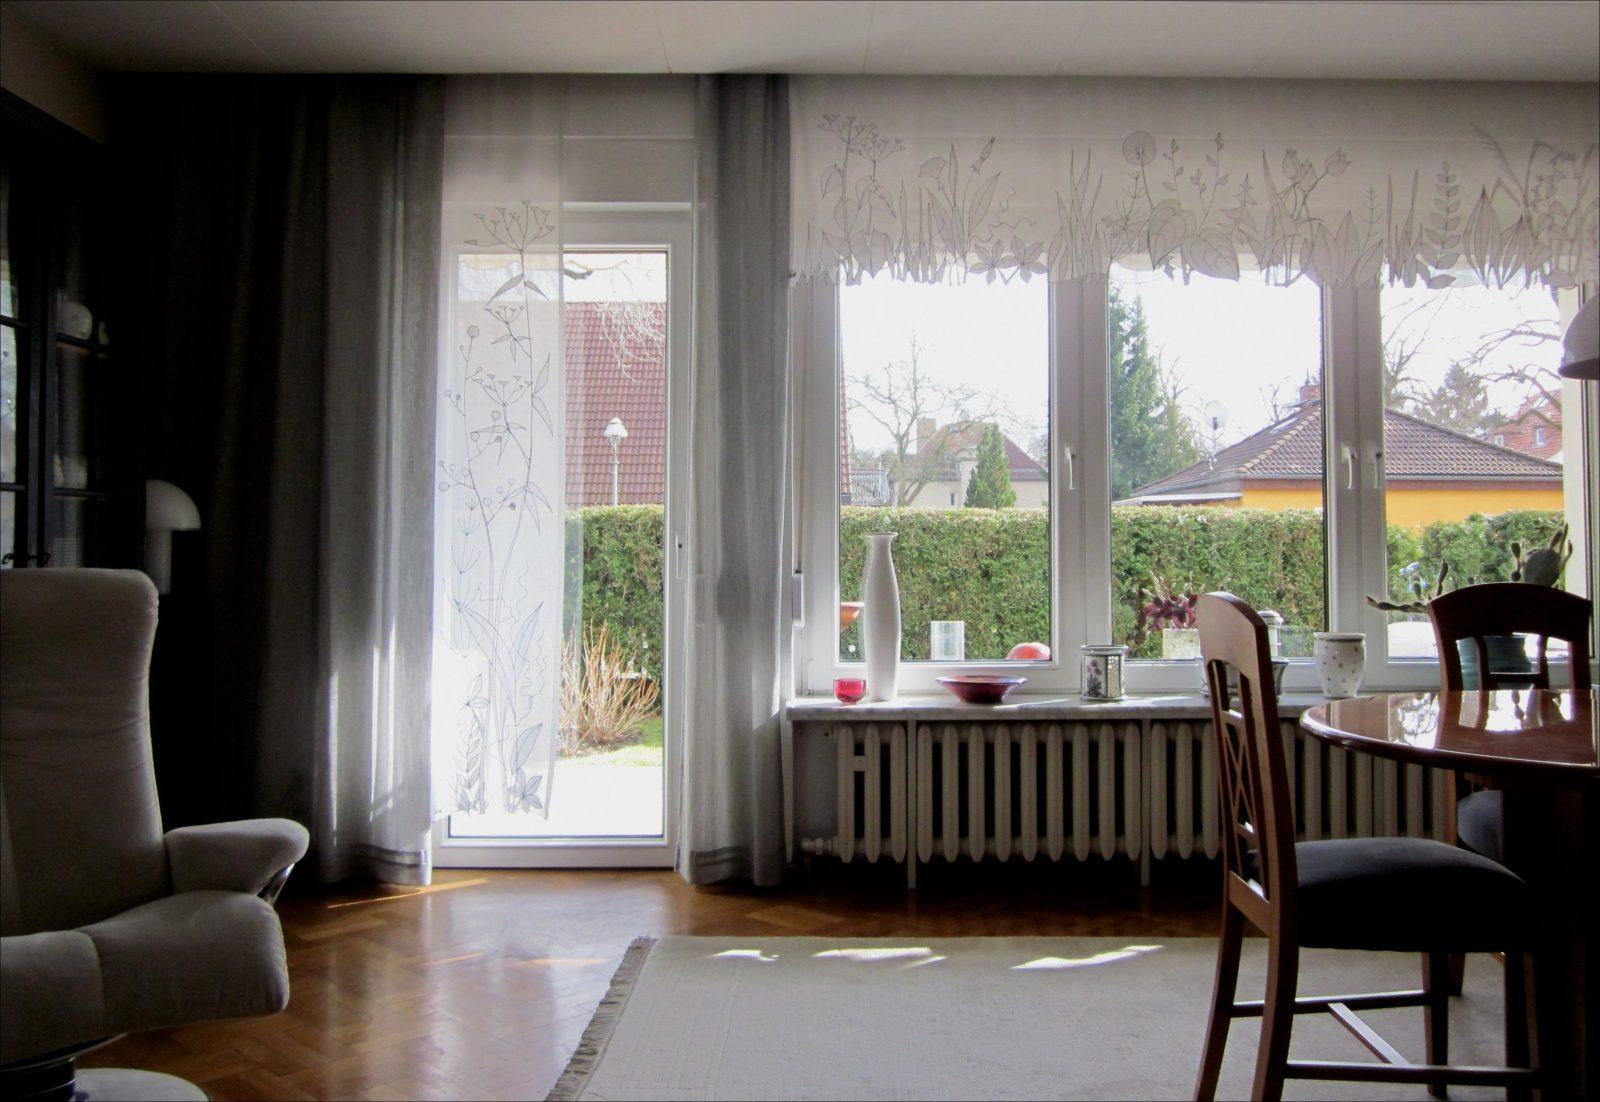 Neu Gardinen Für Großes Fenster Mit Balkontür Ideen von Gardinen Für Großes Fenster Mit Balkontür Photo